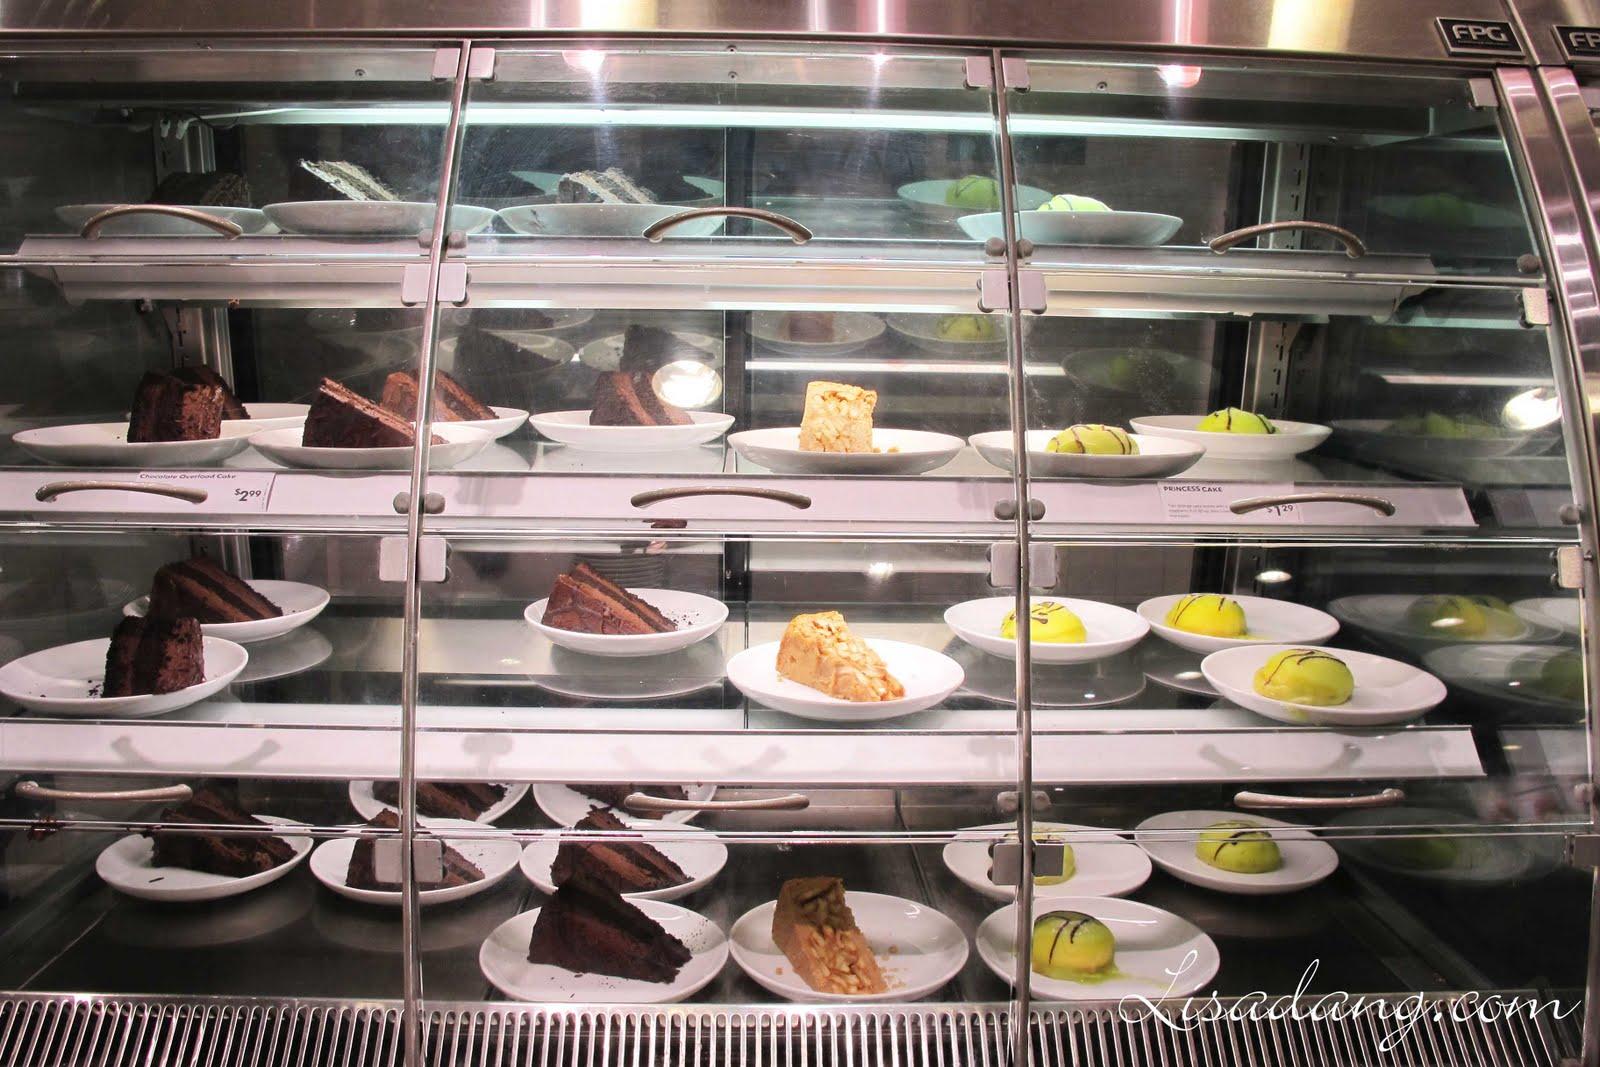 IKEA Restaurant In Draper